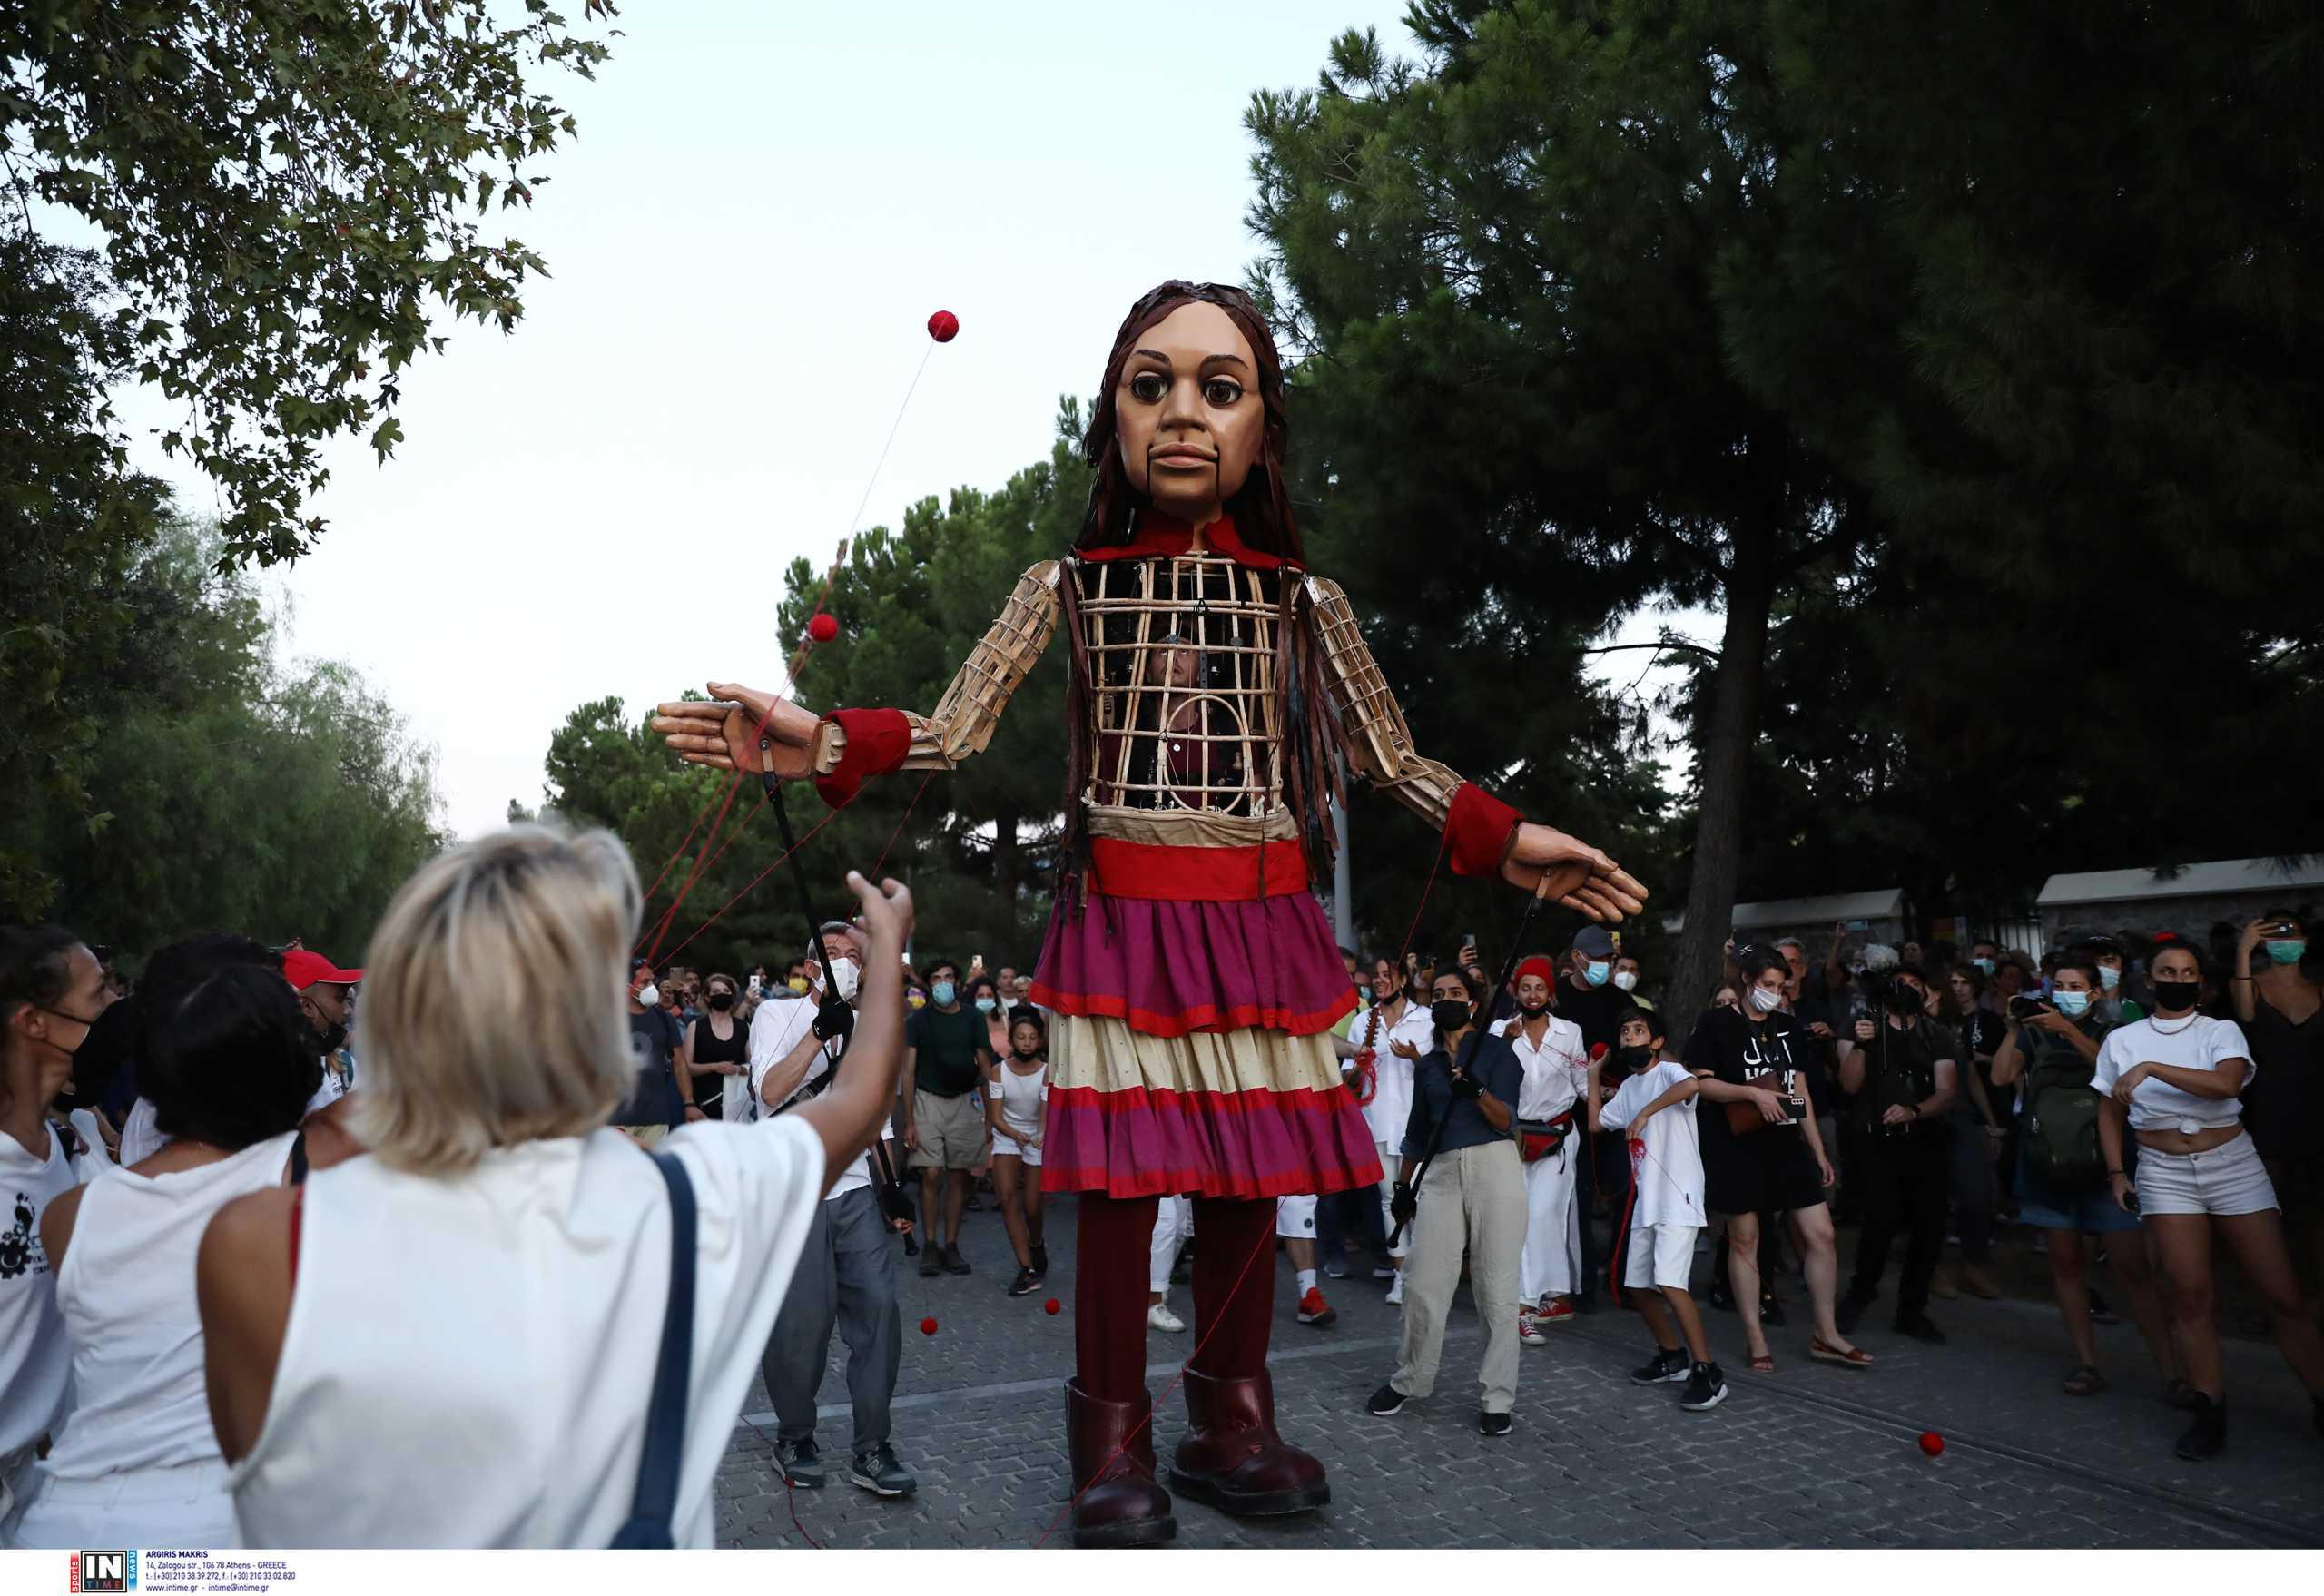 Μικρή Αμάλ: Υπό τους ήχους του «Άσμα Ασμάτων» στους δρόμους της Αθήνας